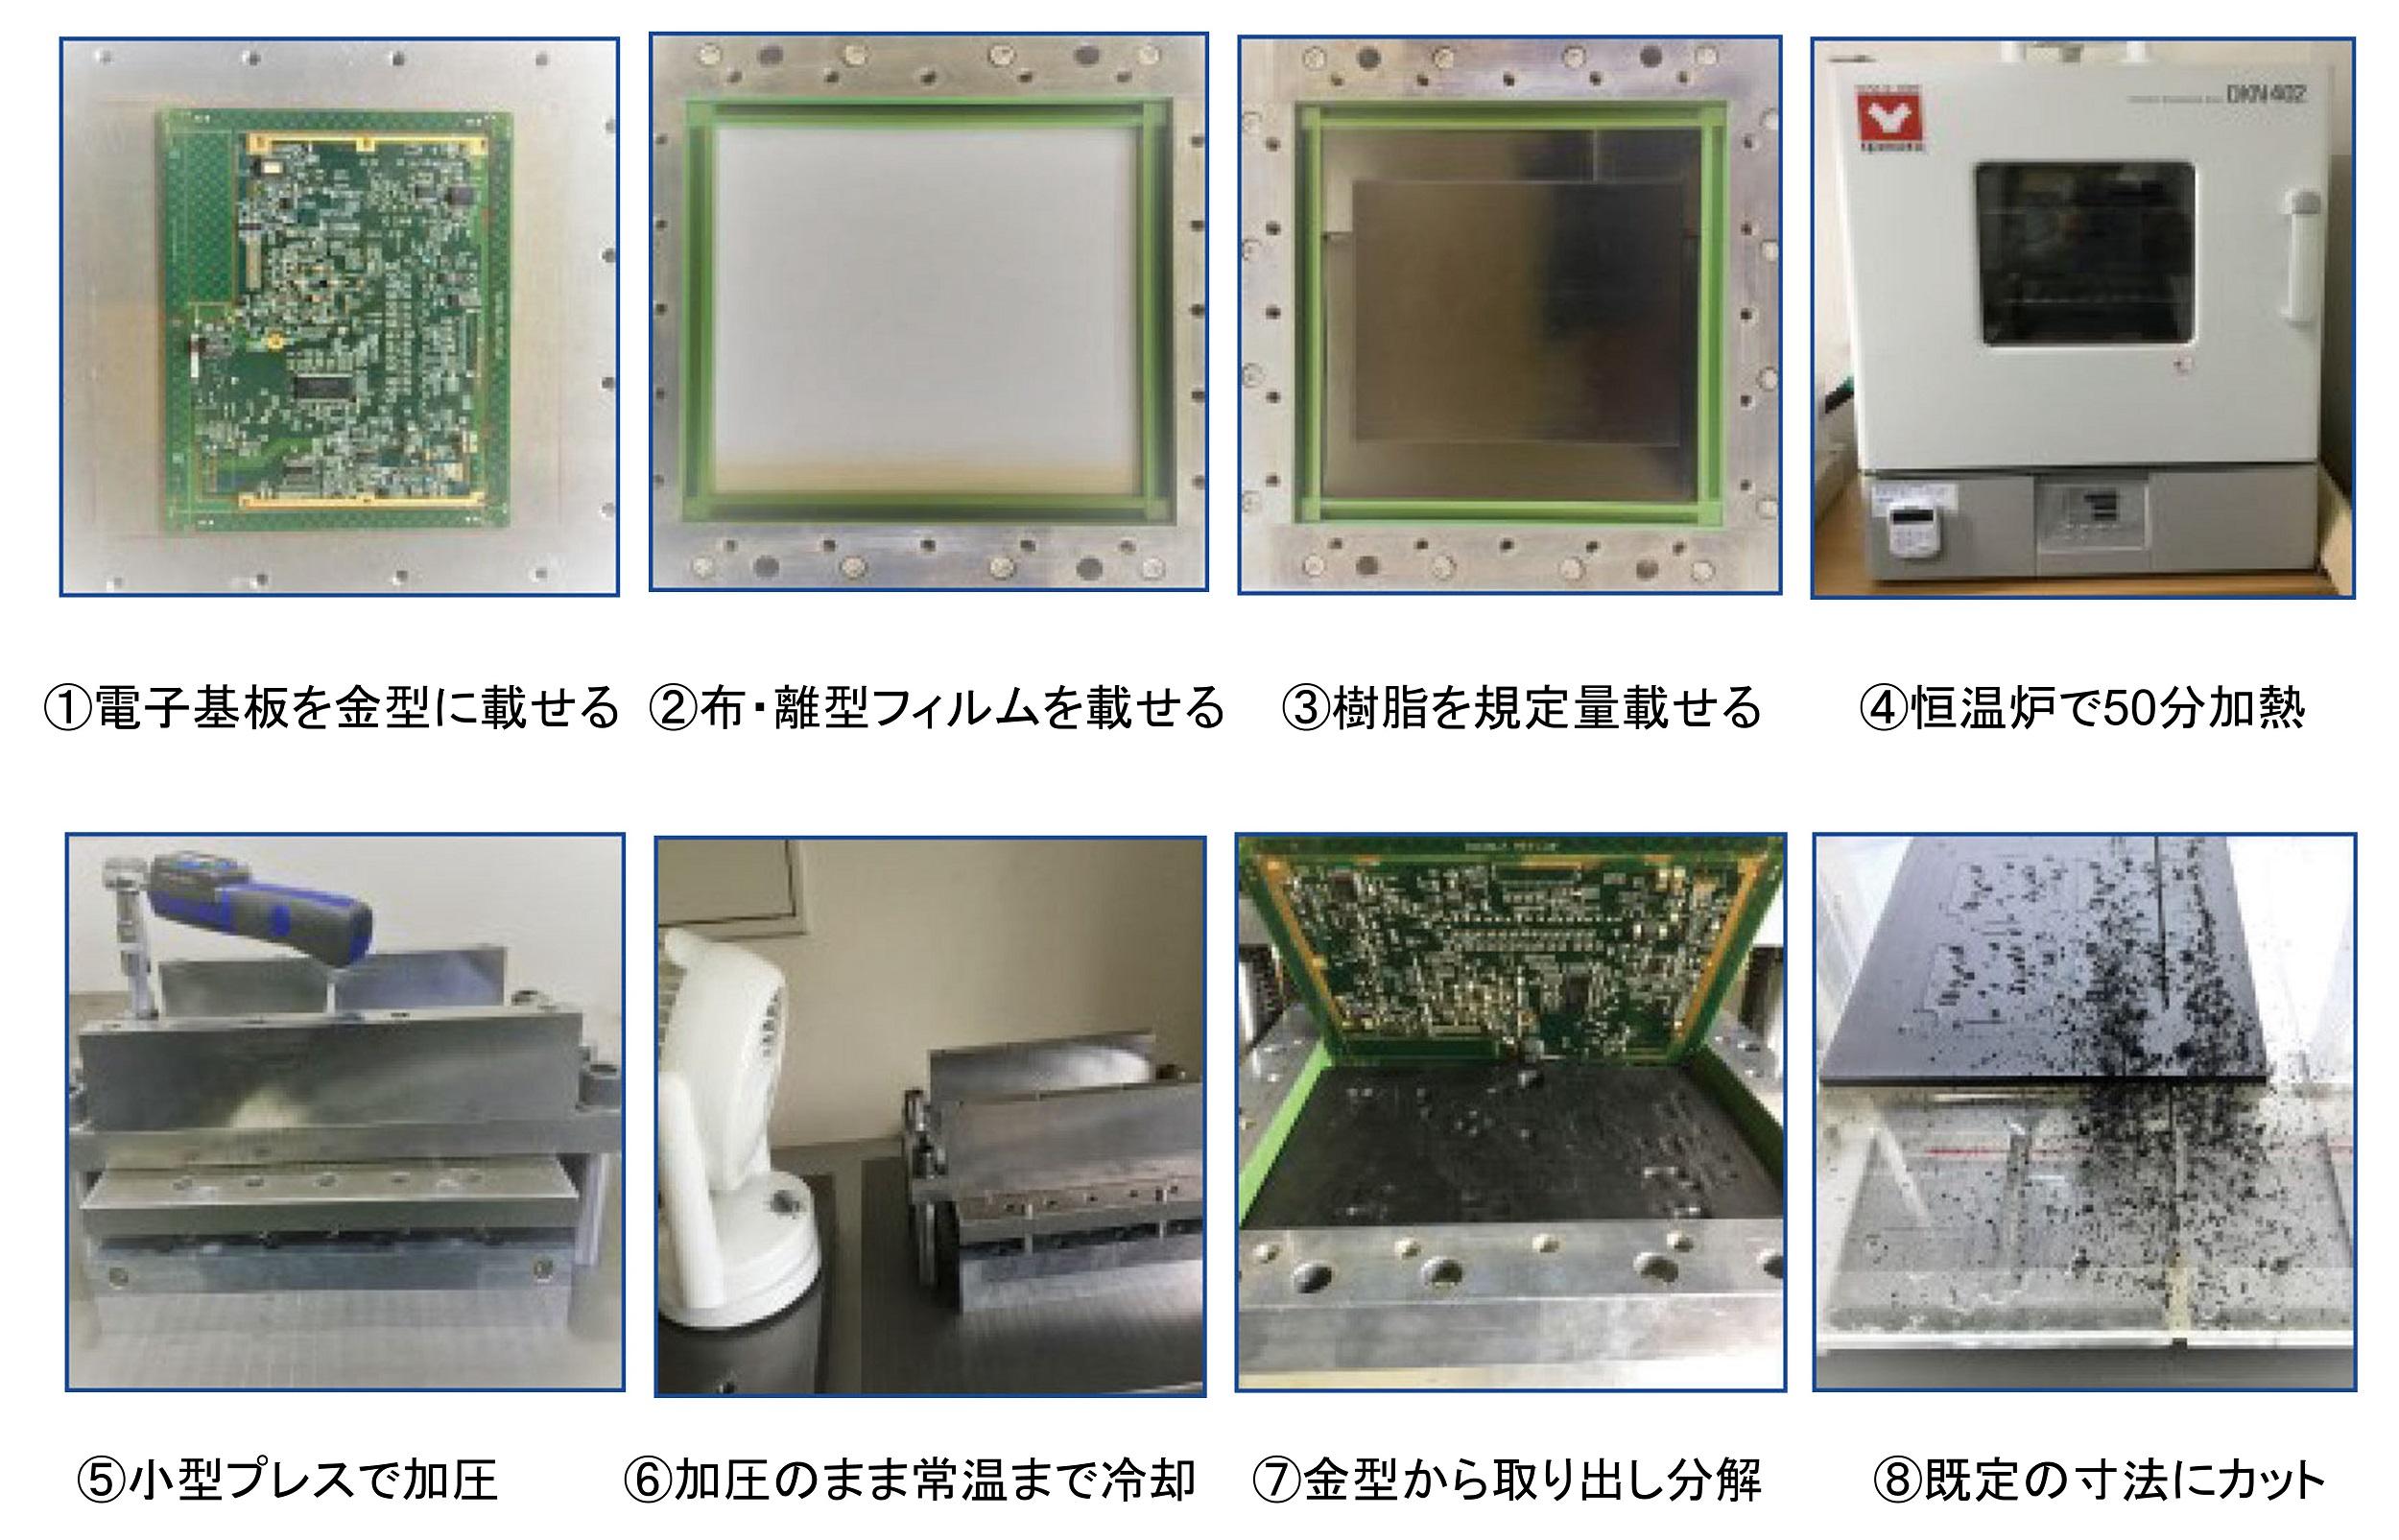 実装機印刷工程用治具製作工程